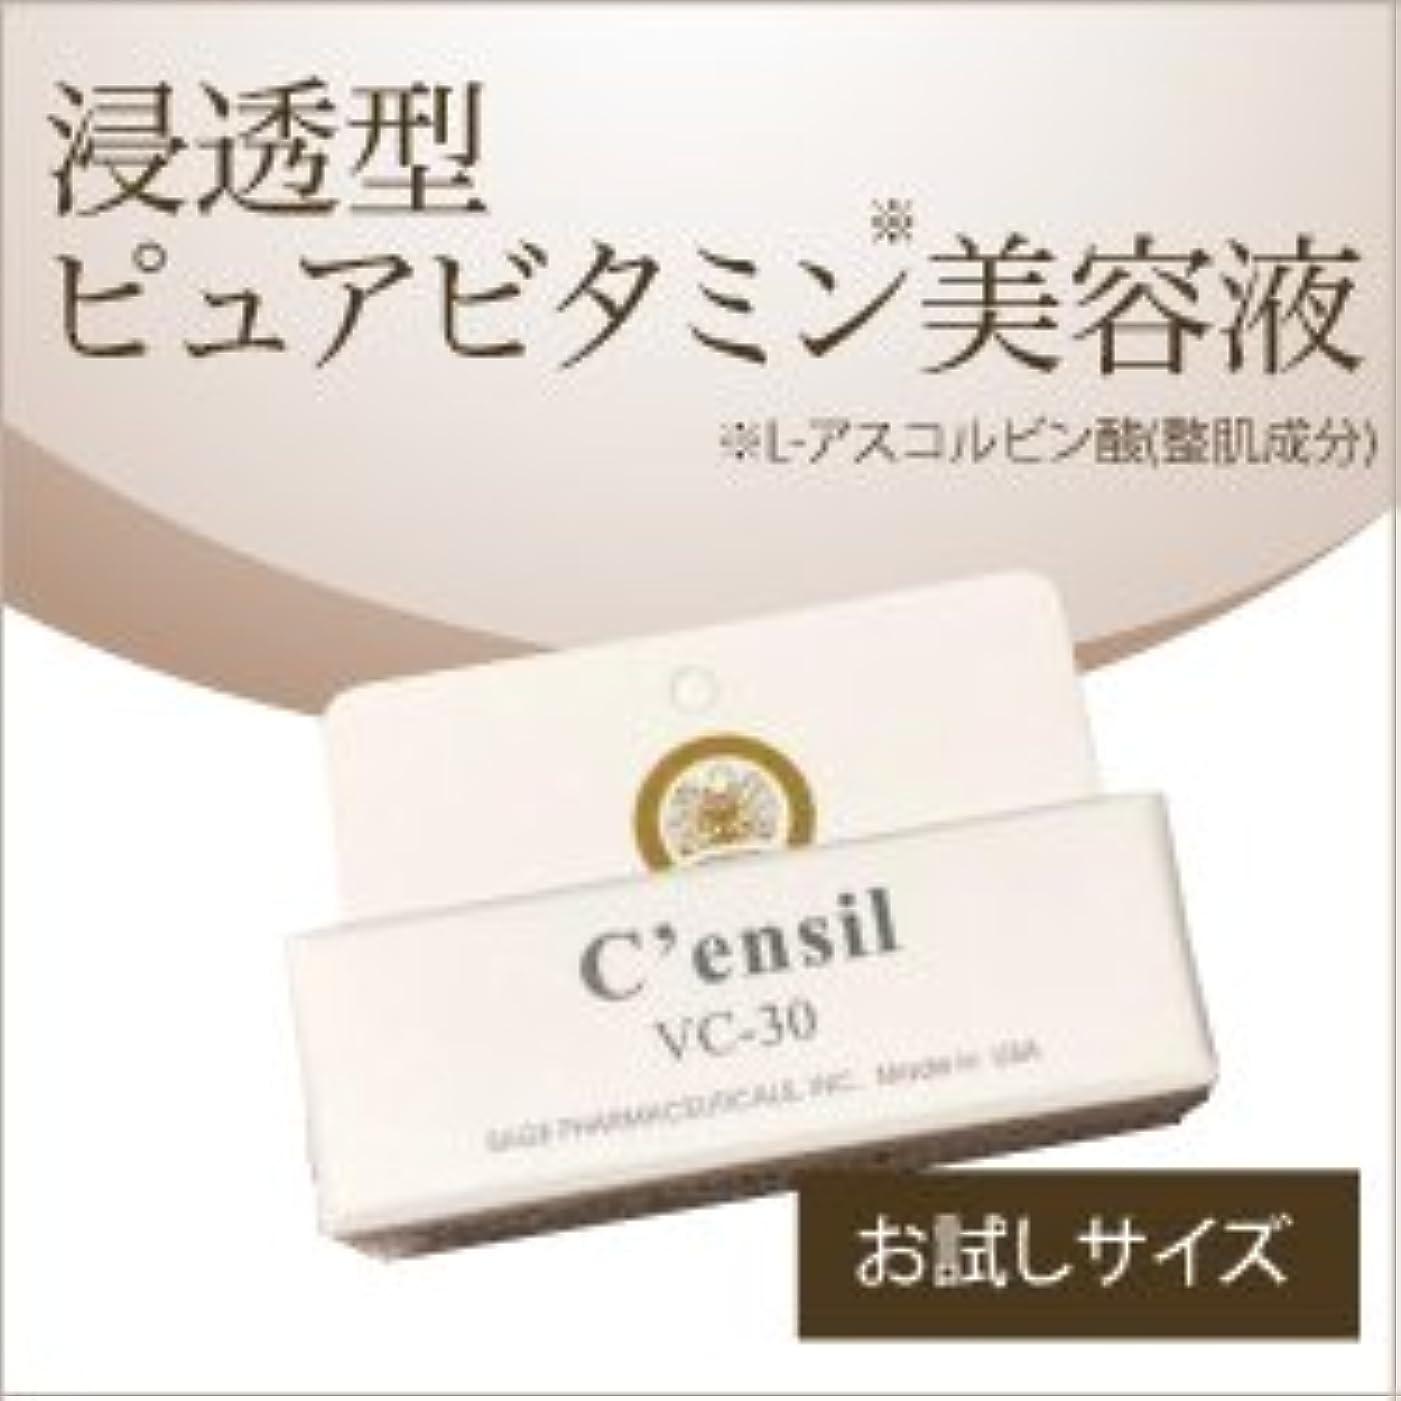 スポットブートシエスタセンシル C'ensil VC-30 ミニ 2ml 美容液